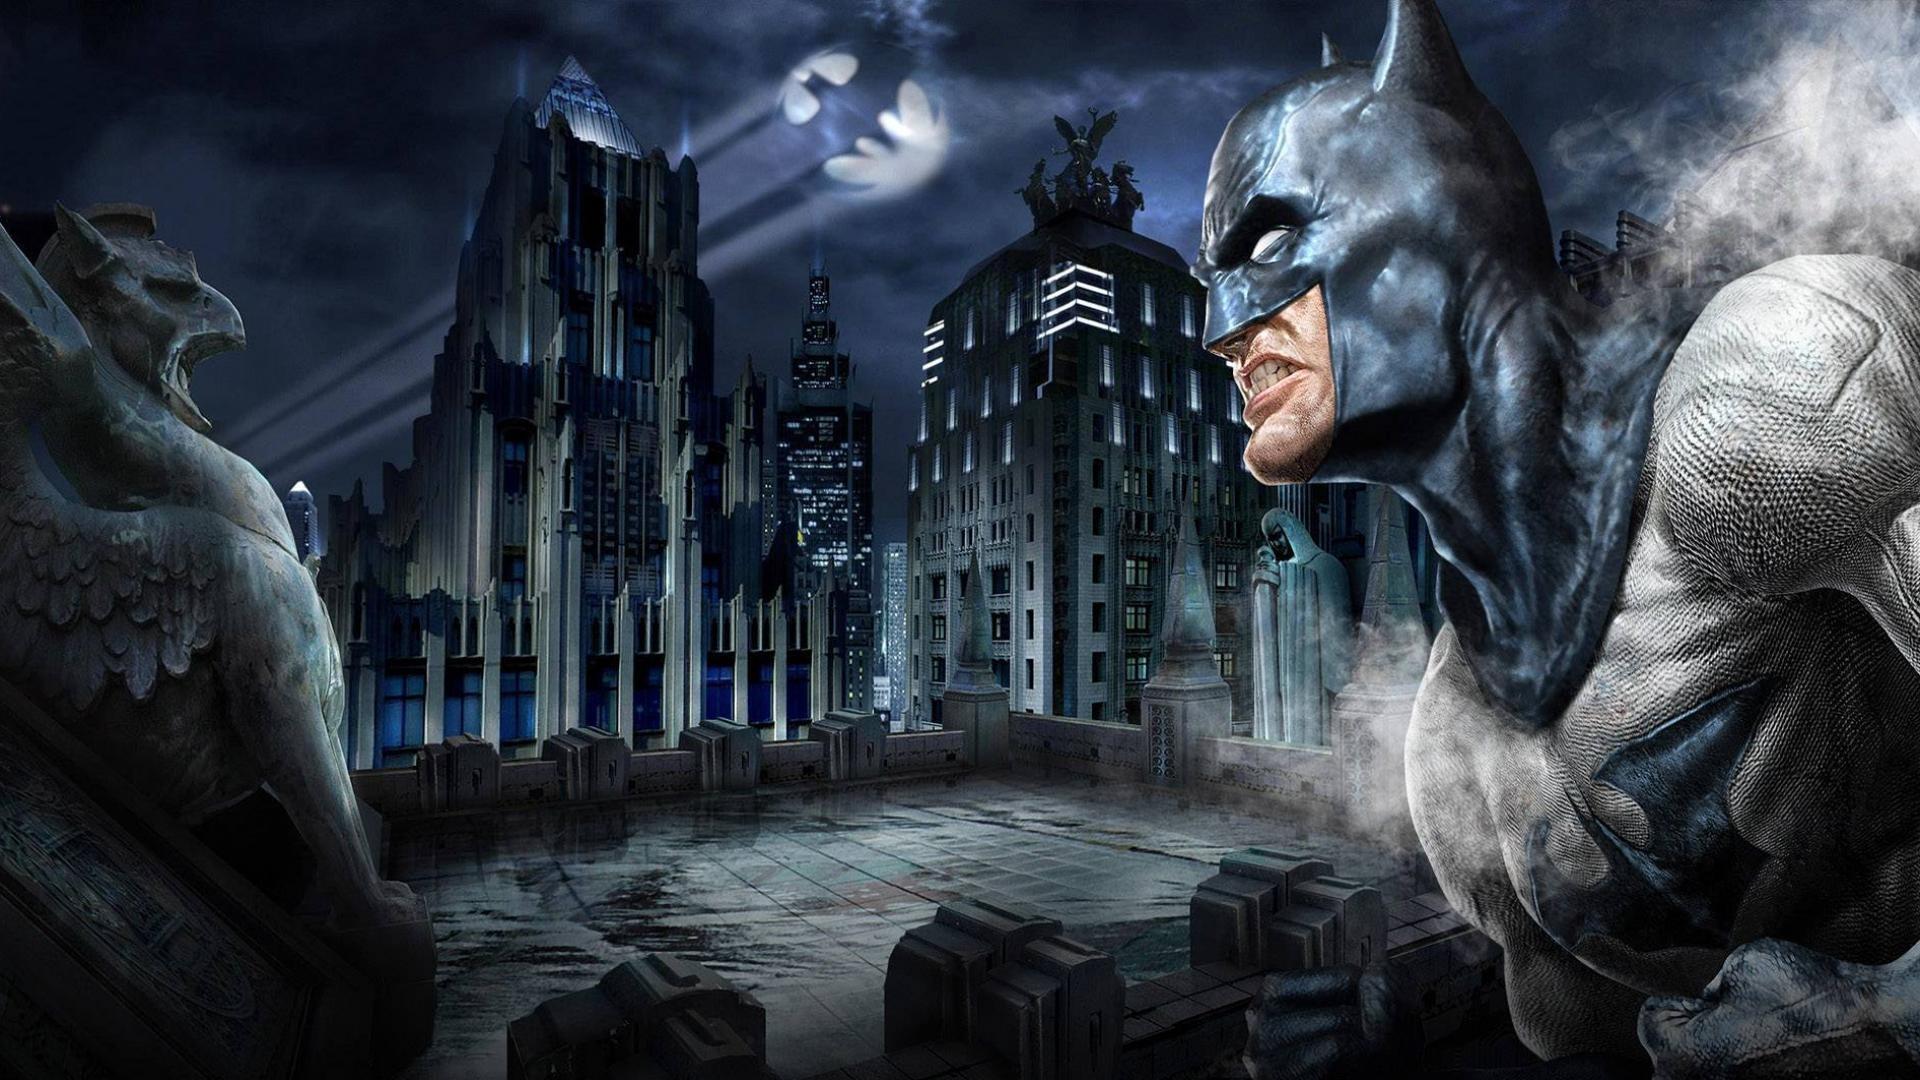 デスクトップ壁紙 バットマン 神話 闇 スクリーンショット